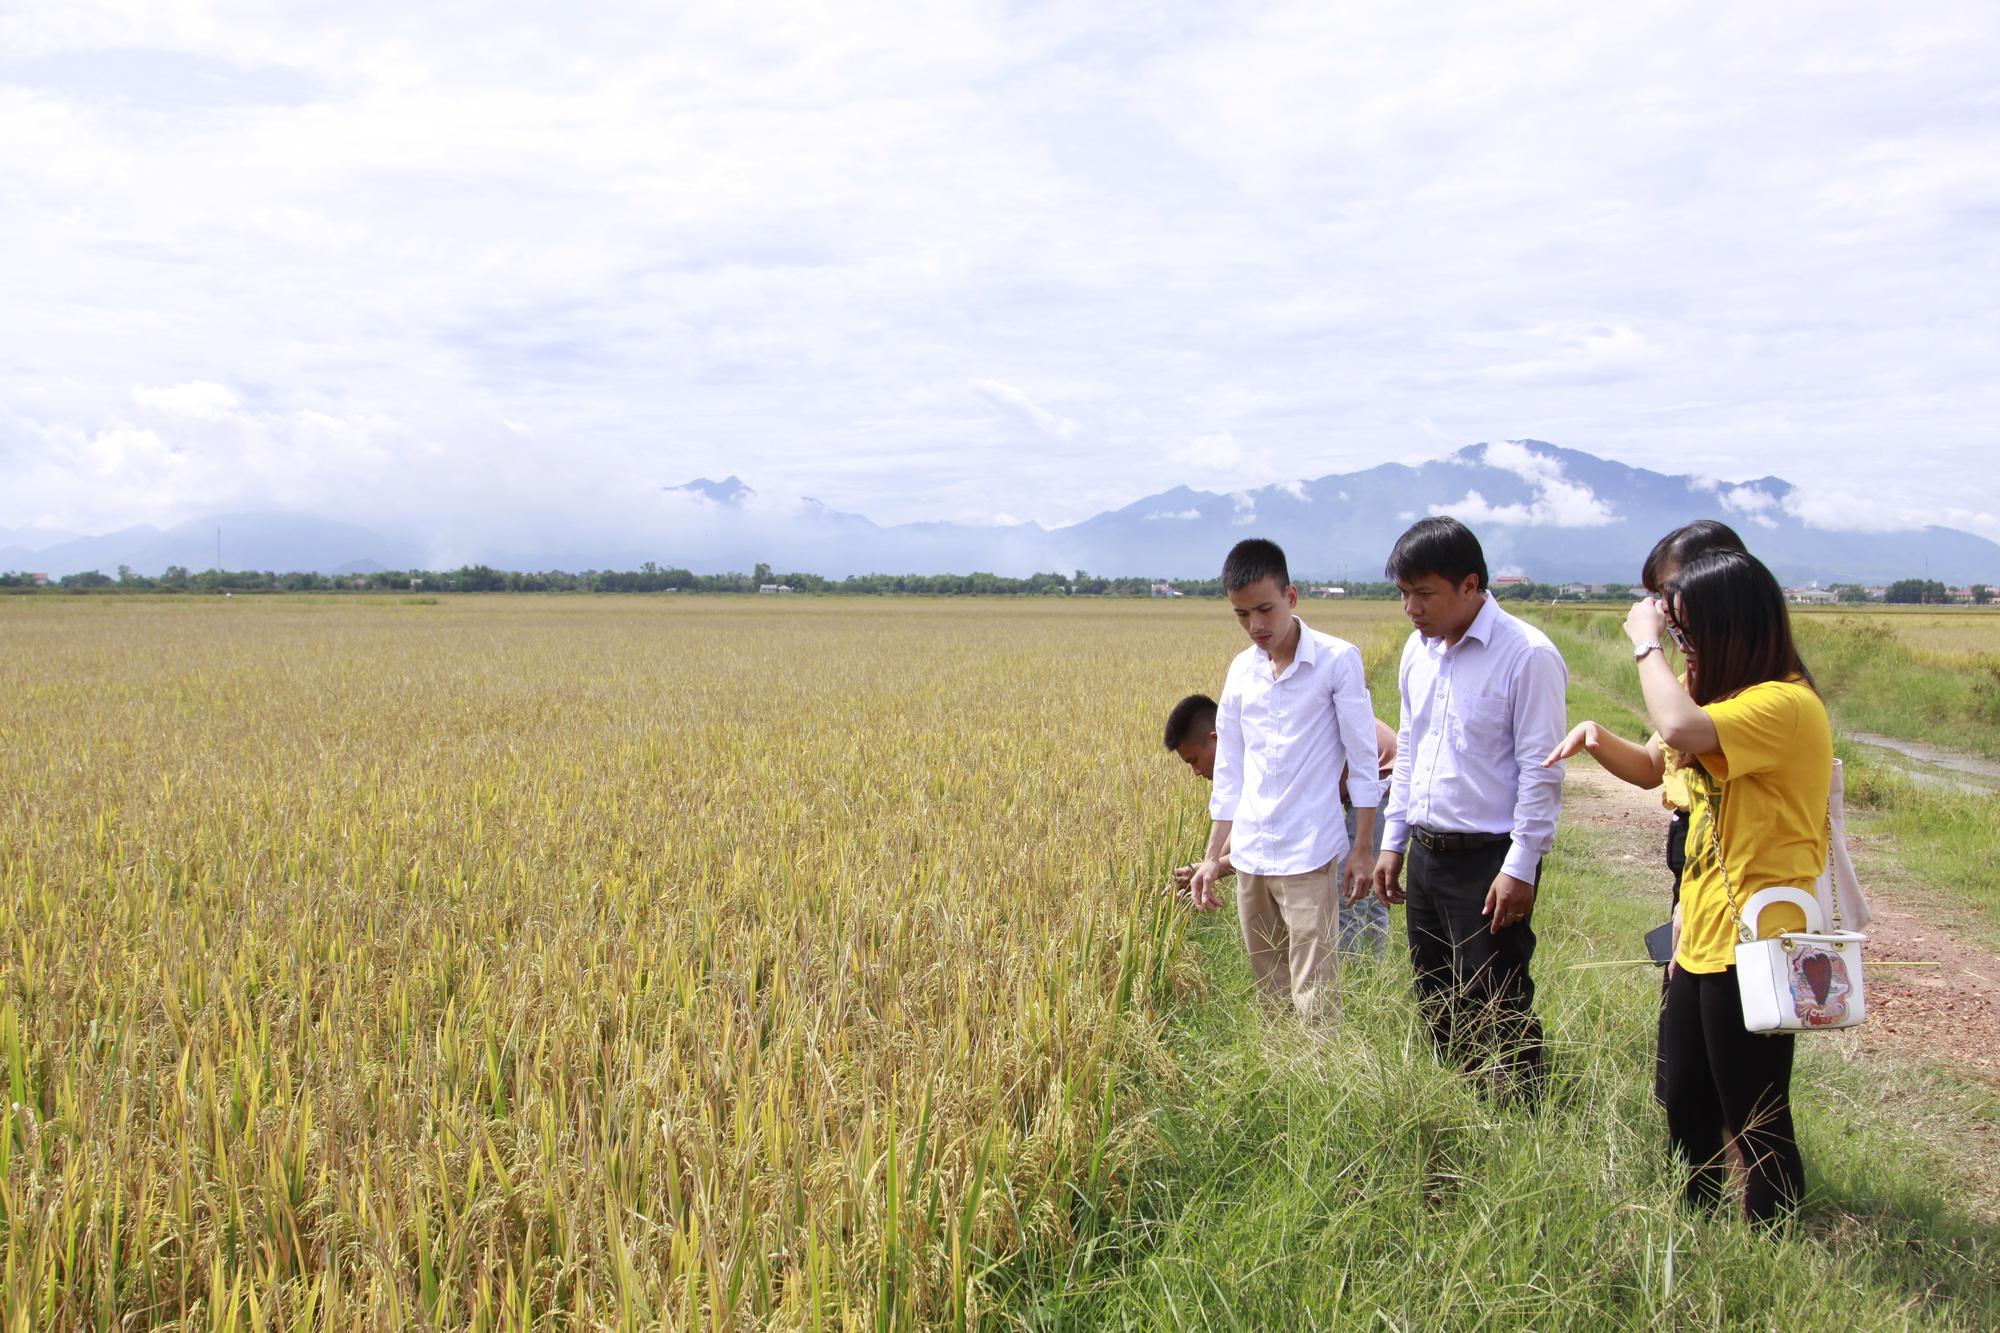 Giá lúa gạo hôm nay 24/3: Giá gạo xuất khẩu Việt Nam lại vượt Thái Lan, khách hàng tìm mua gạo Việt ngày càng nhiều - Ảnh 1.